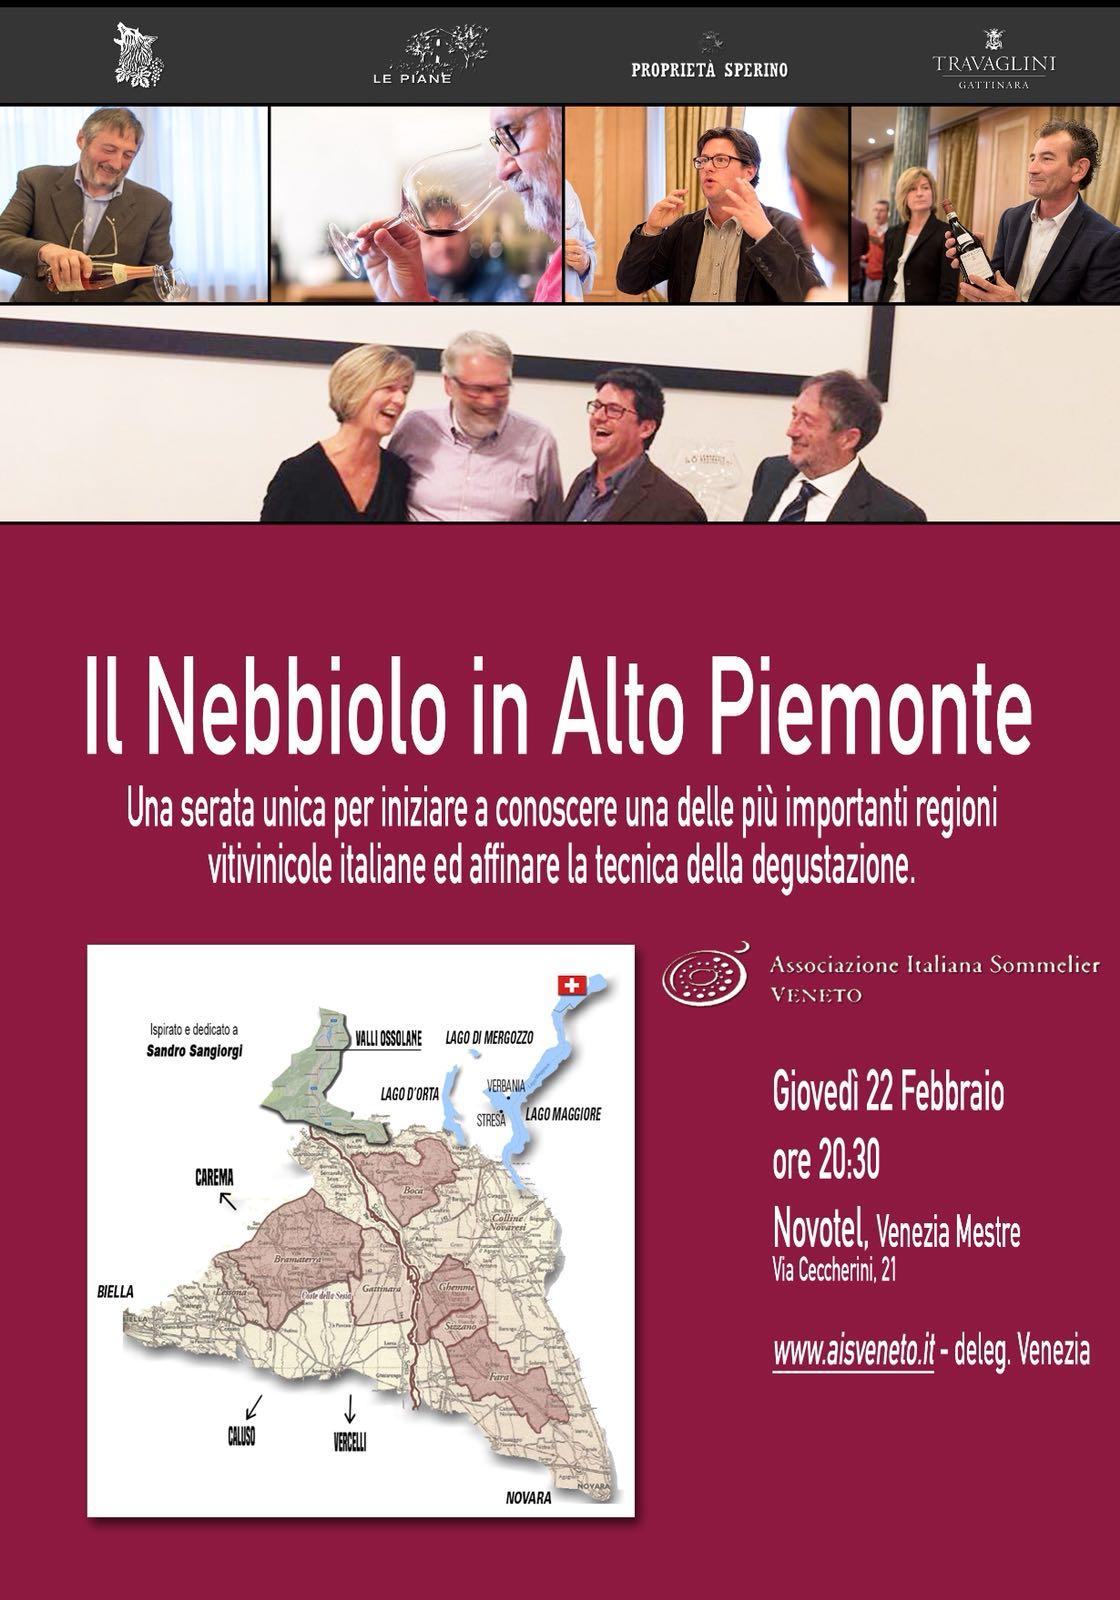 Il Nebbiolo in Alto Piemonte